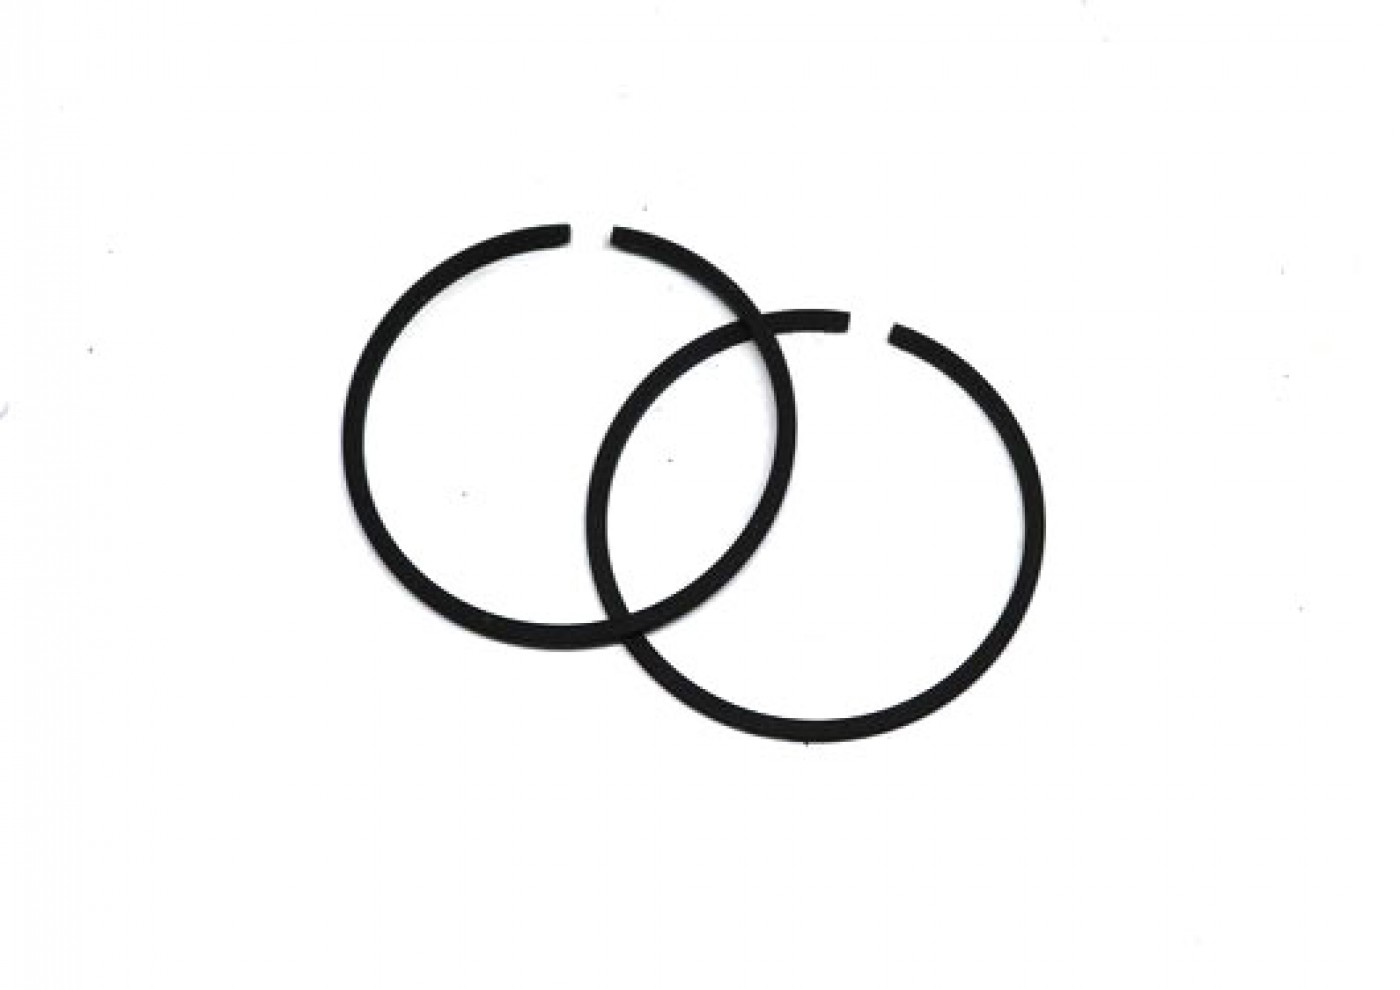 Sada pístních kroužků -  58 mm